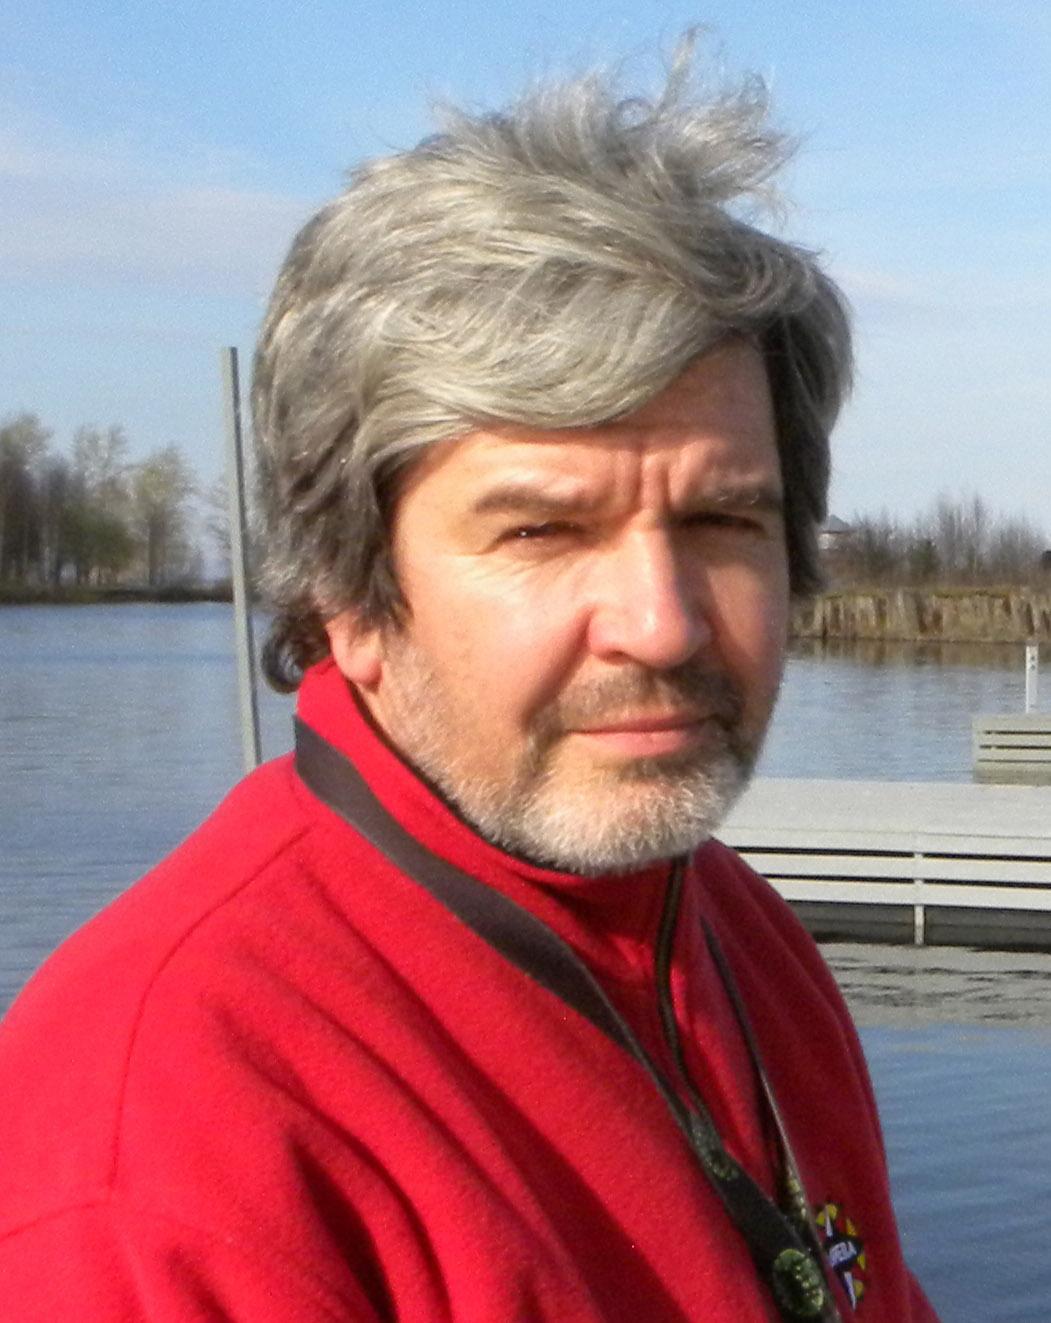 Sergei Trofimenko